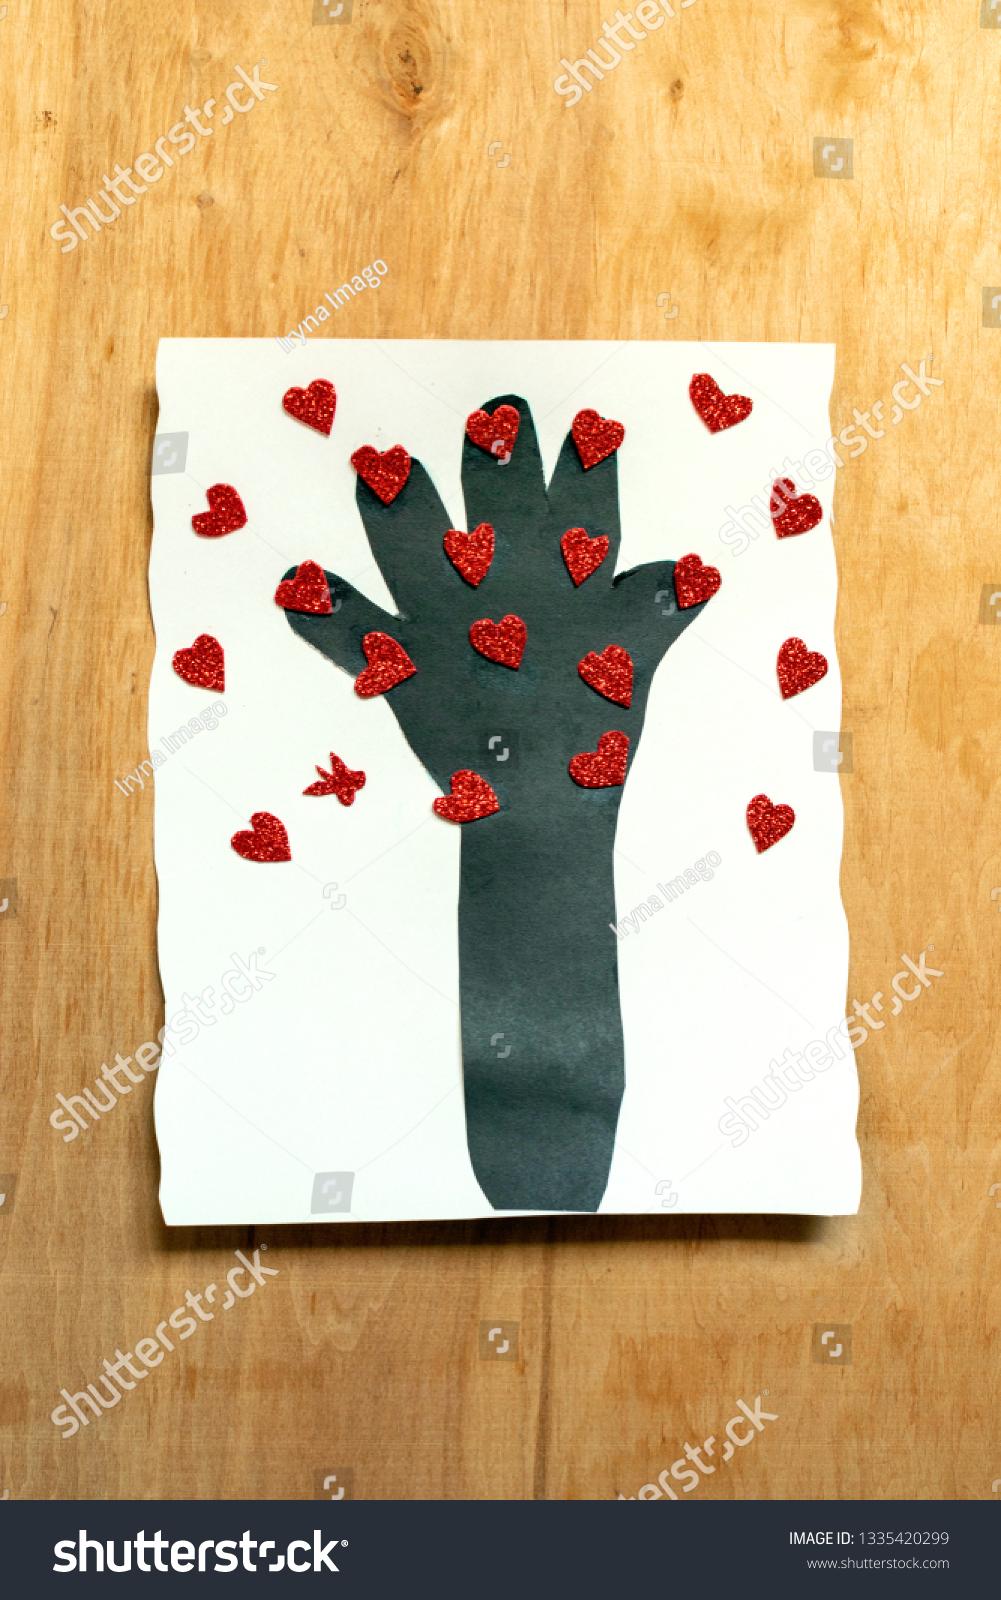 Preschool Arts Crafts Activities Easy Gift Stock Photo Edit Now 1335420299